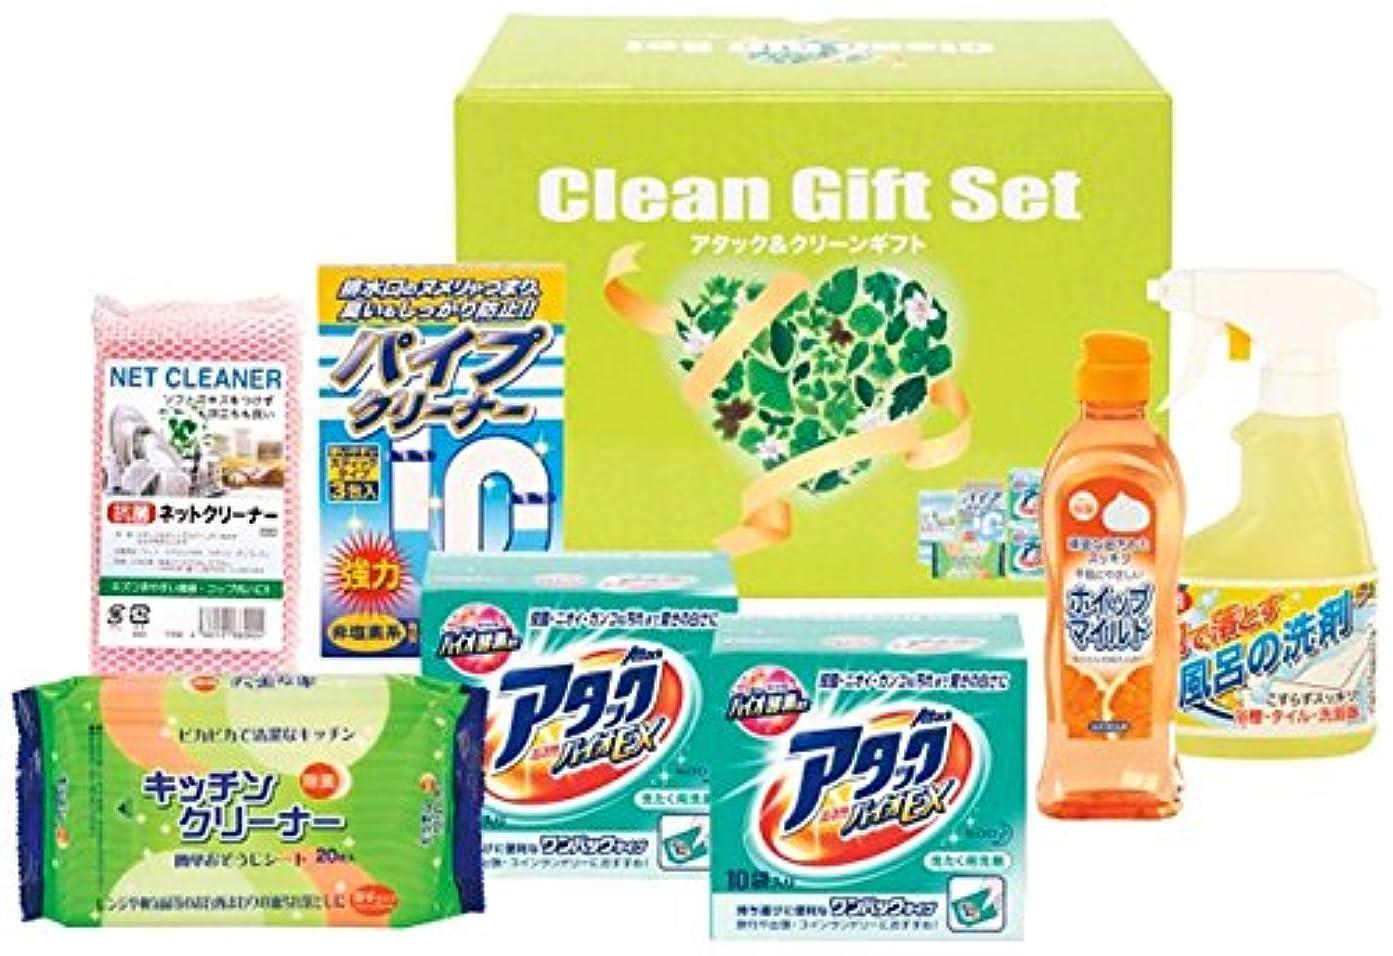 ごちそう生じる名声花王 アタック 洗濯 洗剤 &クリーン 贈答 ギフト 7点セット KAG-25 6367